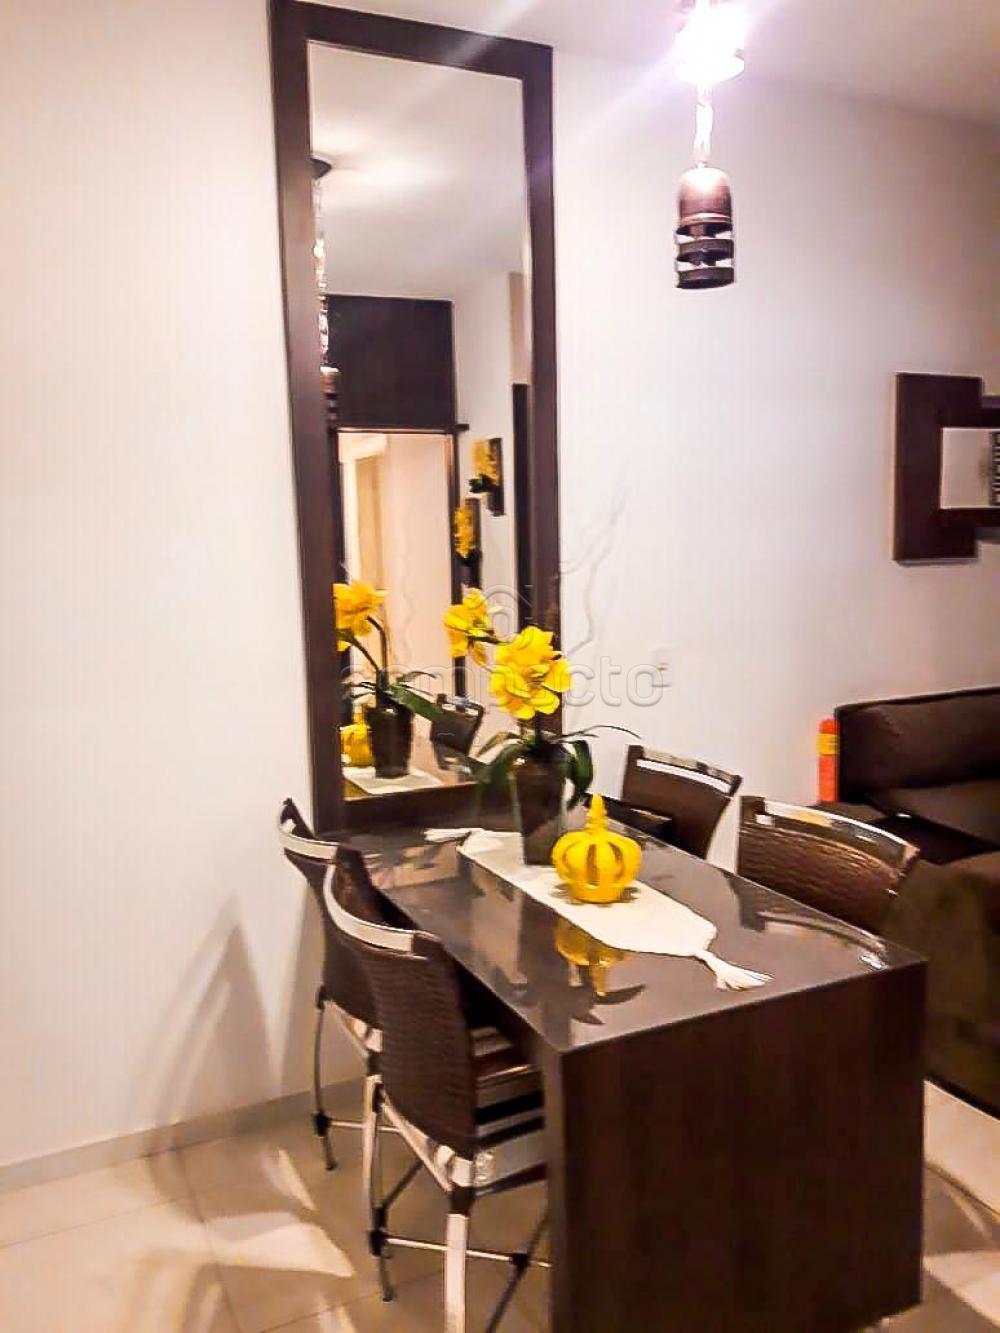 Comprar Apartamento / Padrão em São José do Rio Preto apenas R$ 220.000,00 - Foto 4